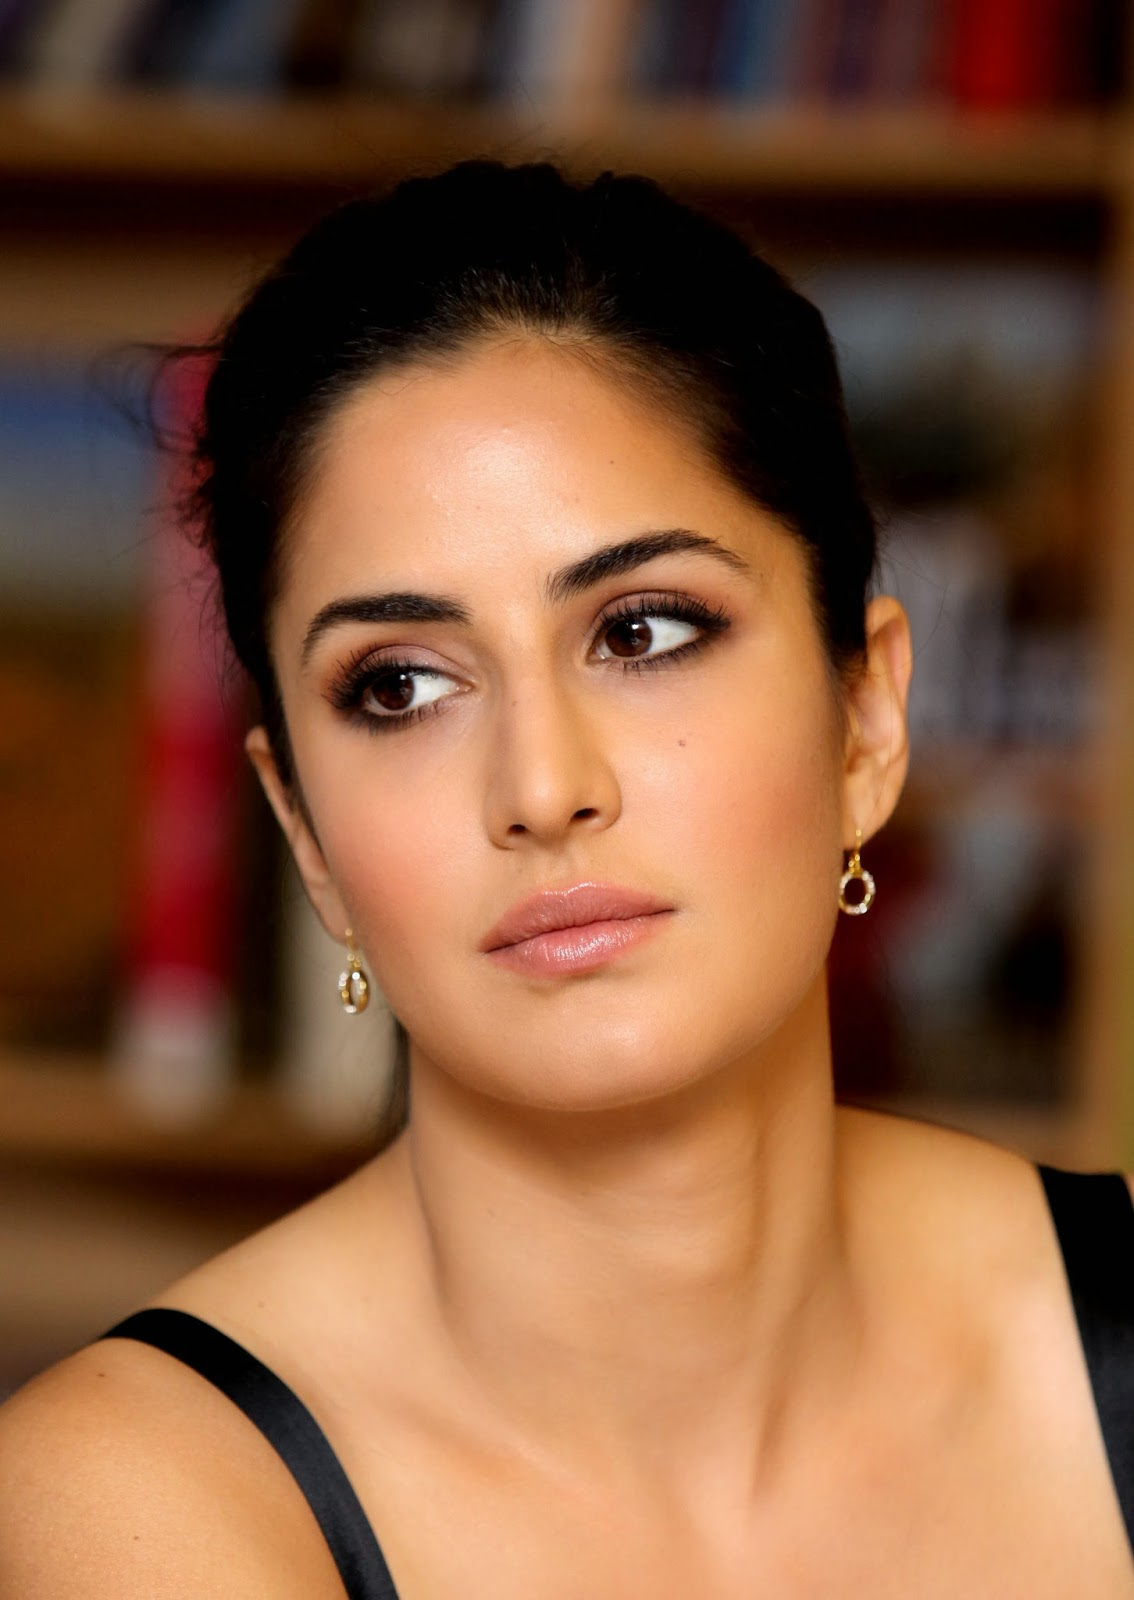 Katrina Kaif Full Hd Hot And Sexy Wallpapers Photos Of Bollywood